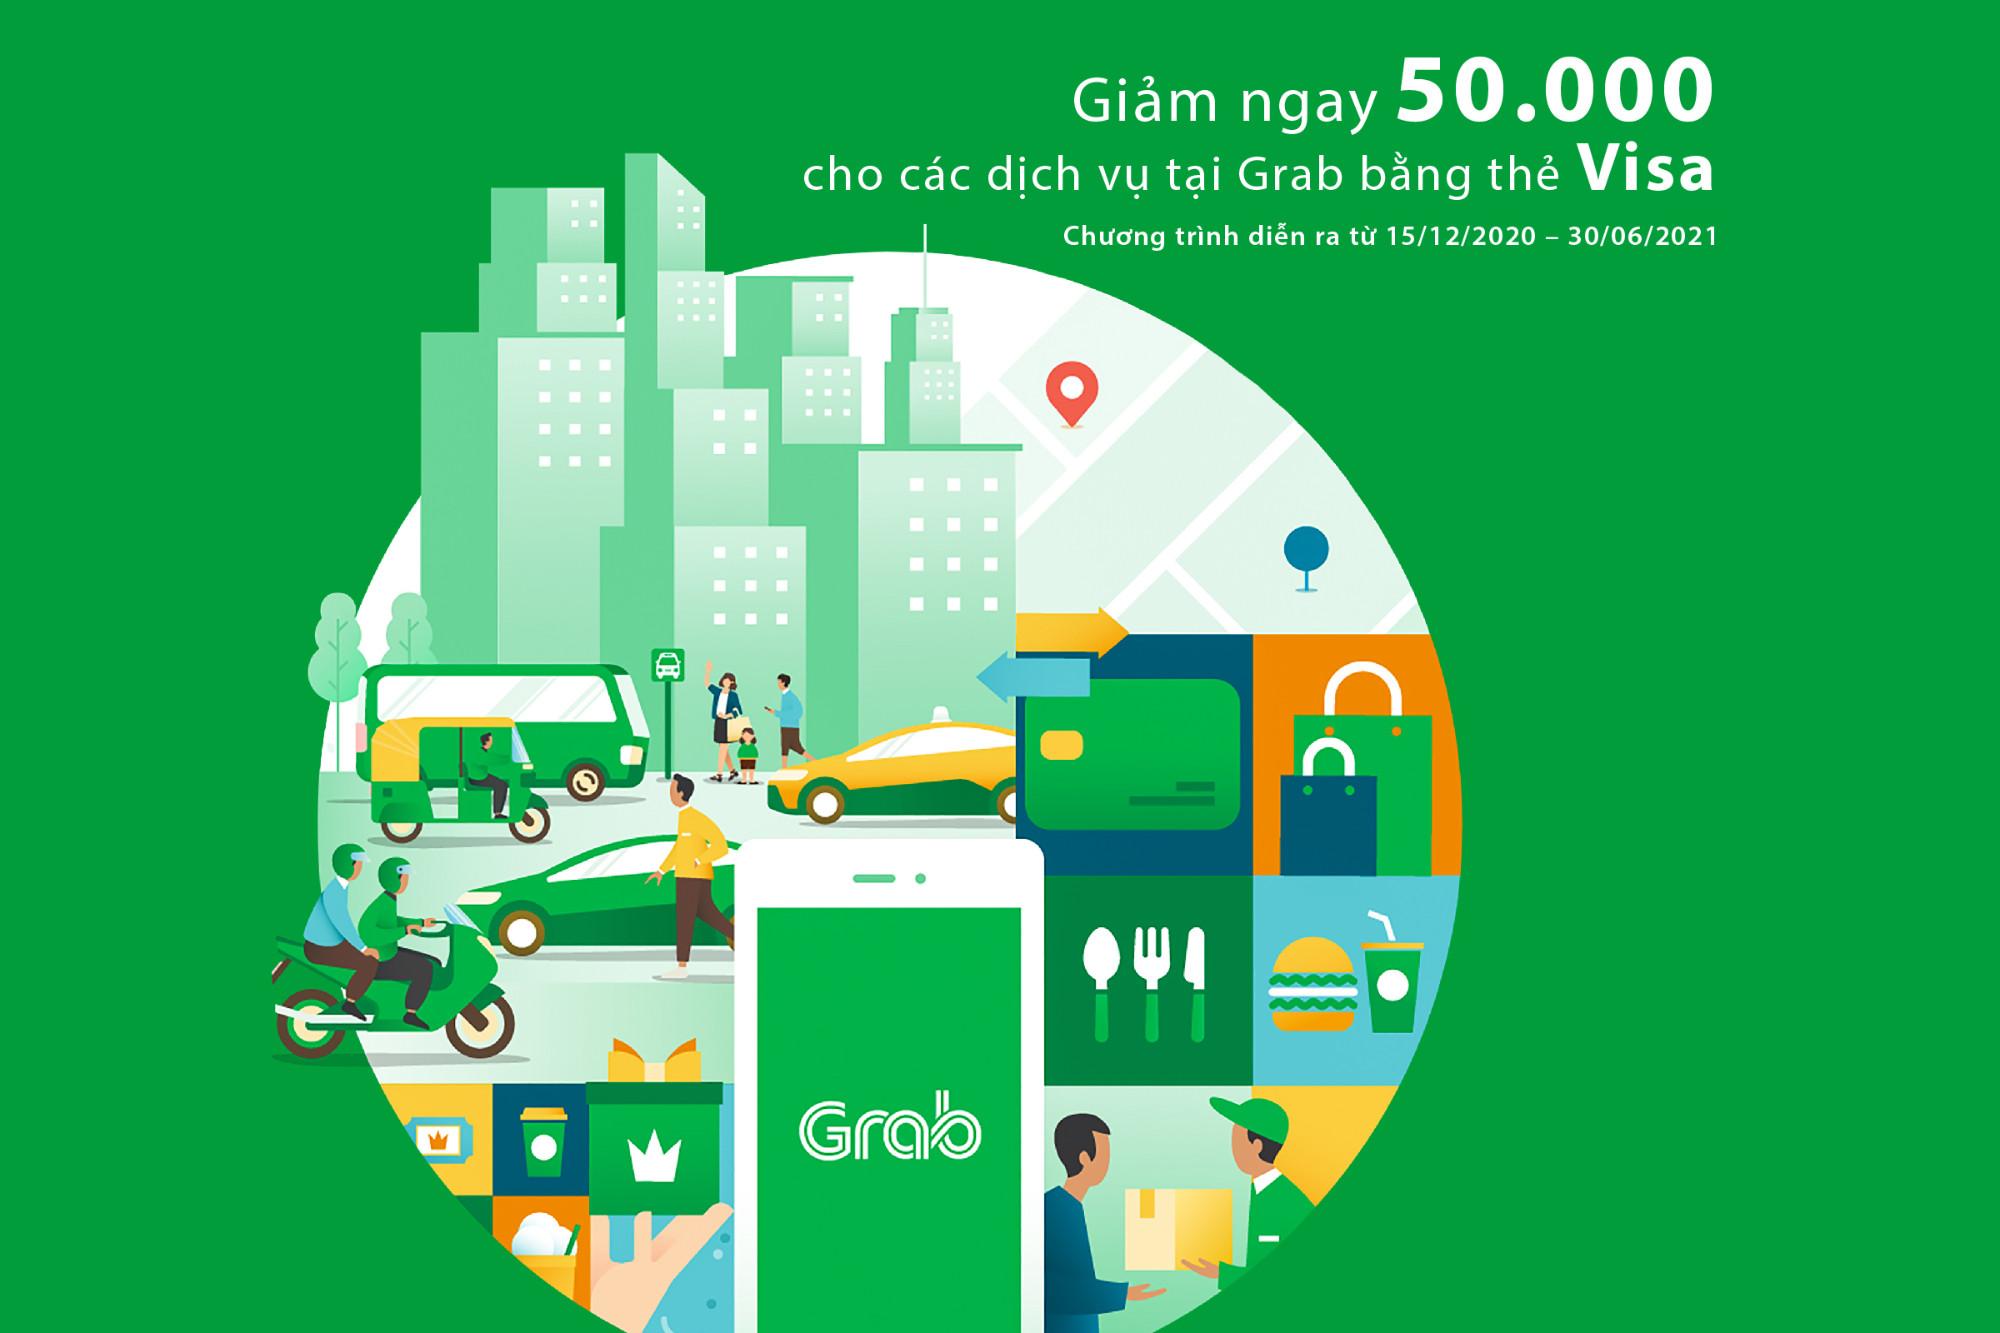 Giảm ngay 50.000 cho các dịch vụ tại Grab bằng thẻ Visa